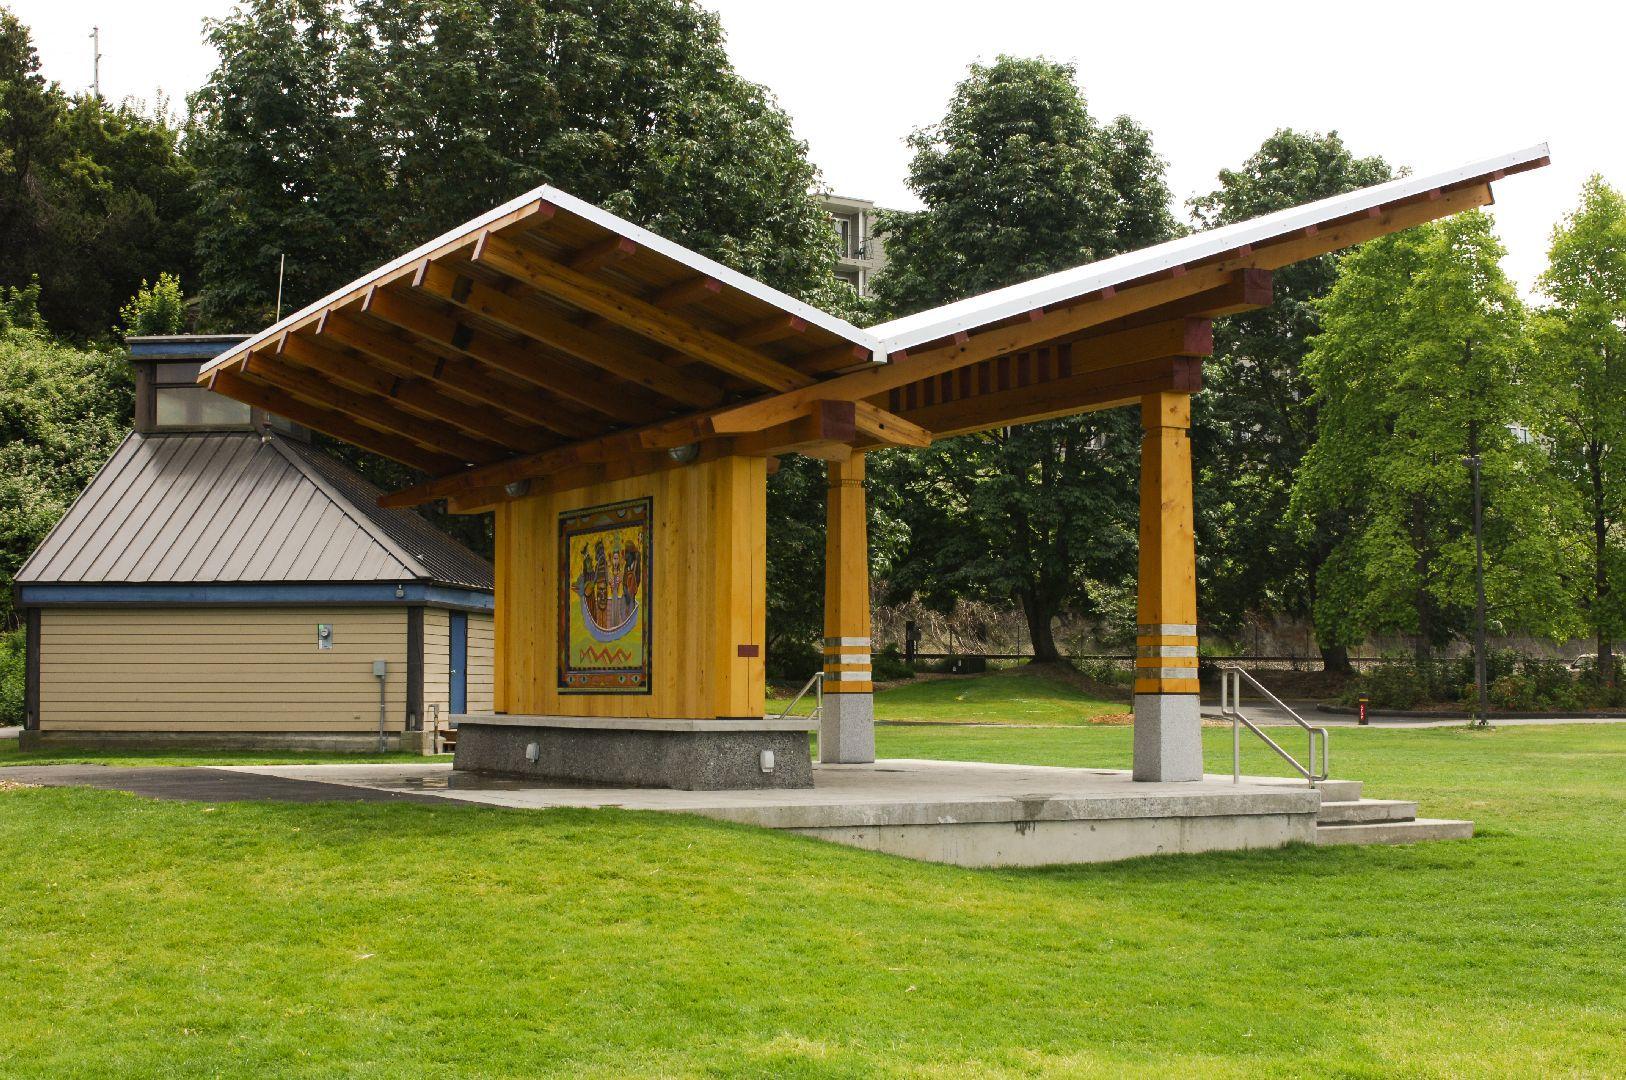 Bellingham Timber Frame Pavilion - Side View